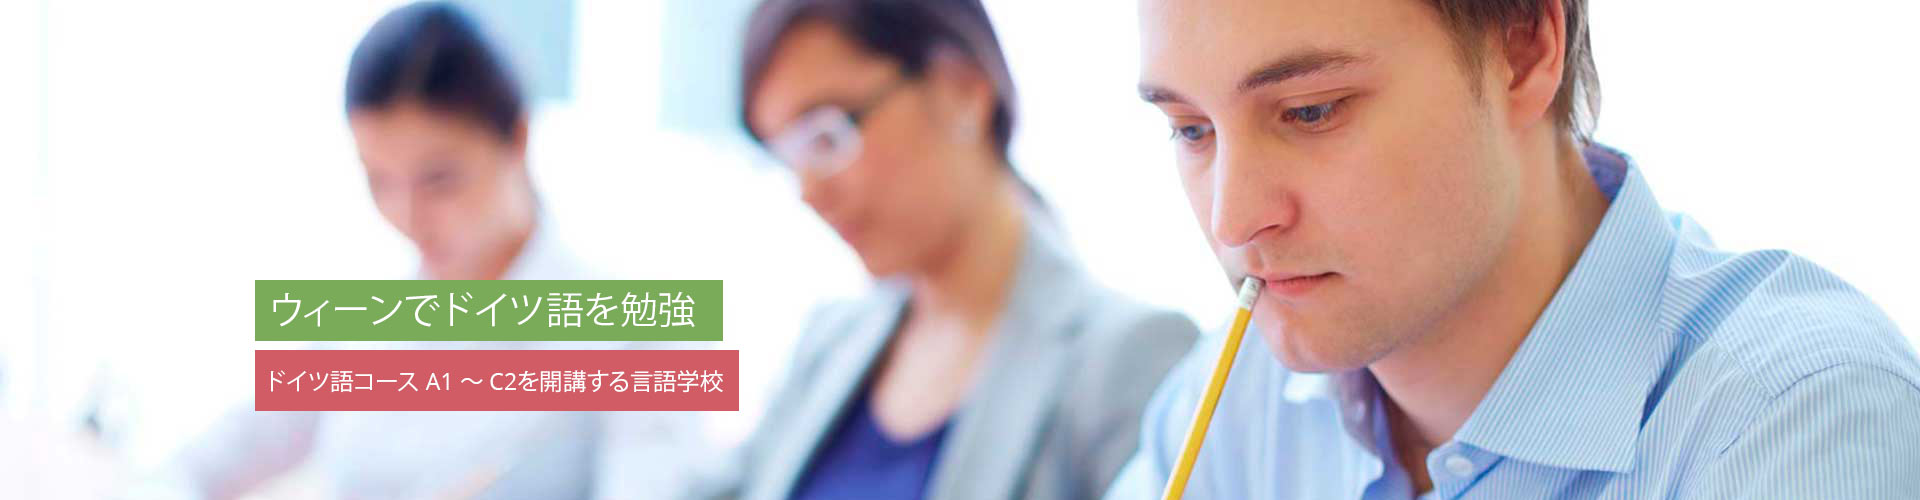 ウィーンでドイツ語を勉 Sprachschule AKTIVは、初心者と上級者向けのコースを開講いたします。